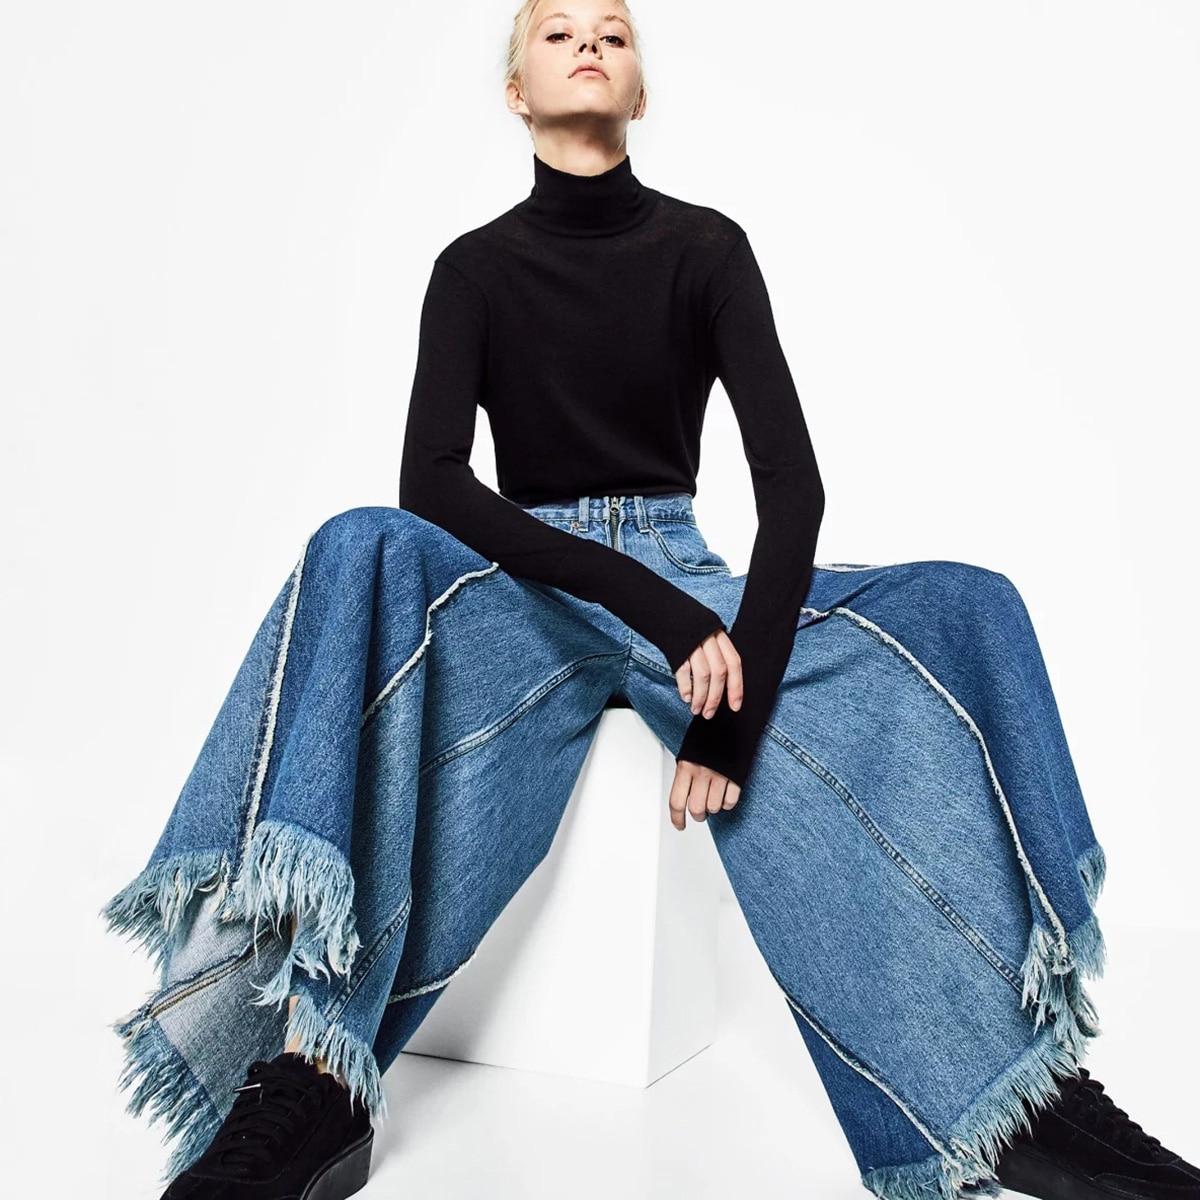 Big Hem High Waist   Jeans   Women Vintage Ripped Patchwork Pants 2018 Autumn Winter Ladies Loose Wide Leg Denim Pants Plus Size